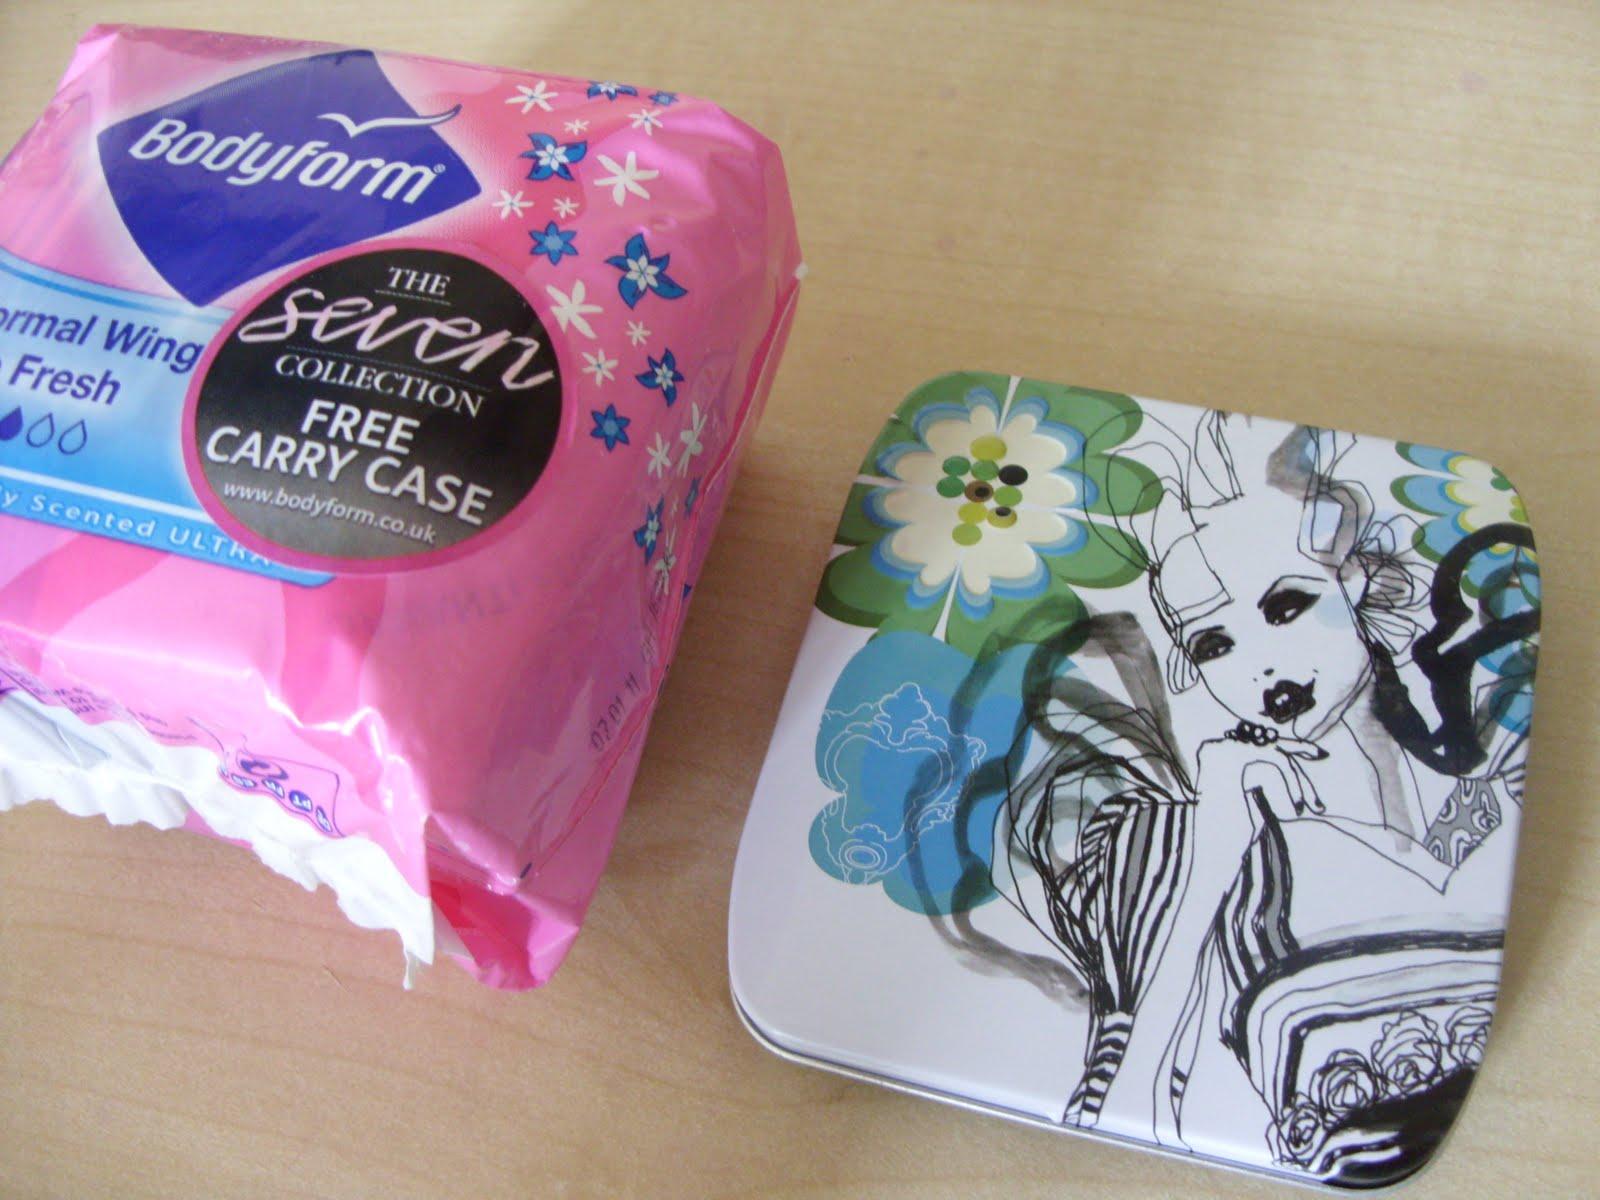 £1 for selected Bodyform towels @ Superdrug